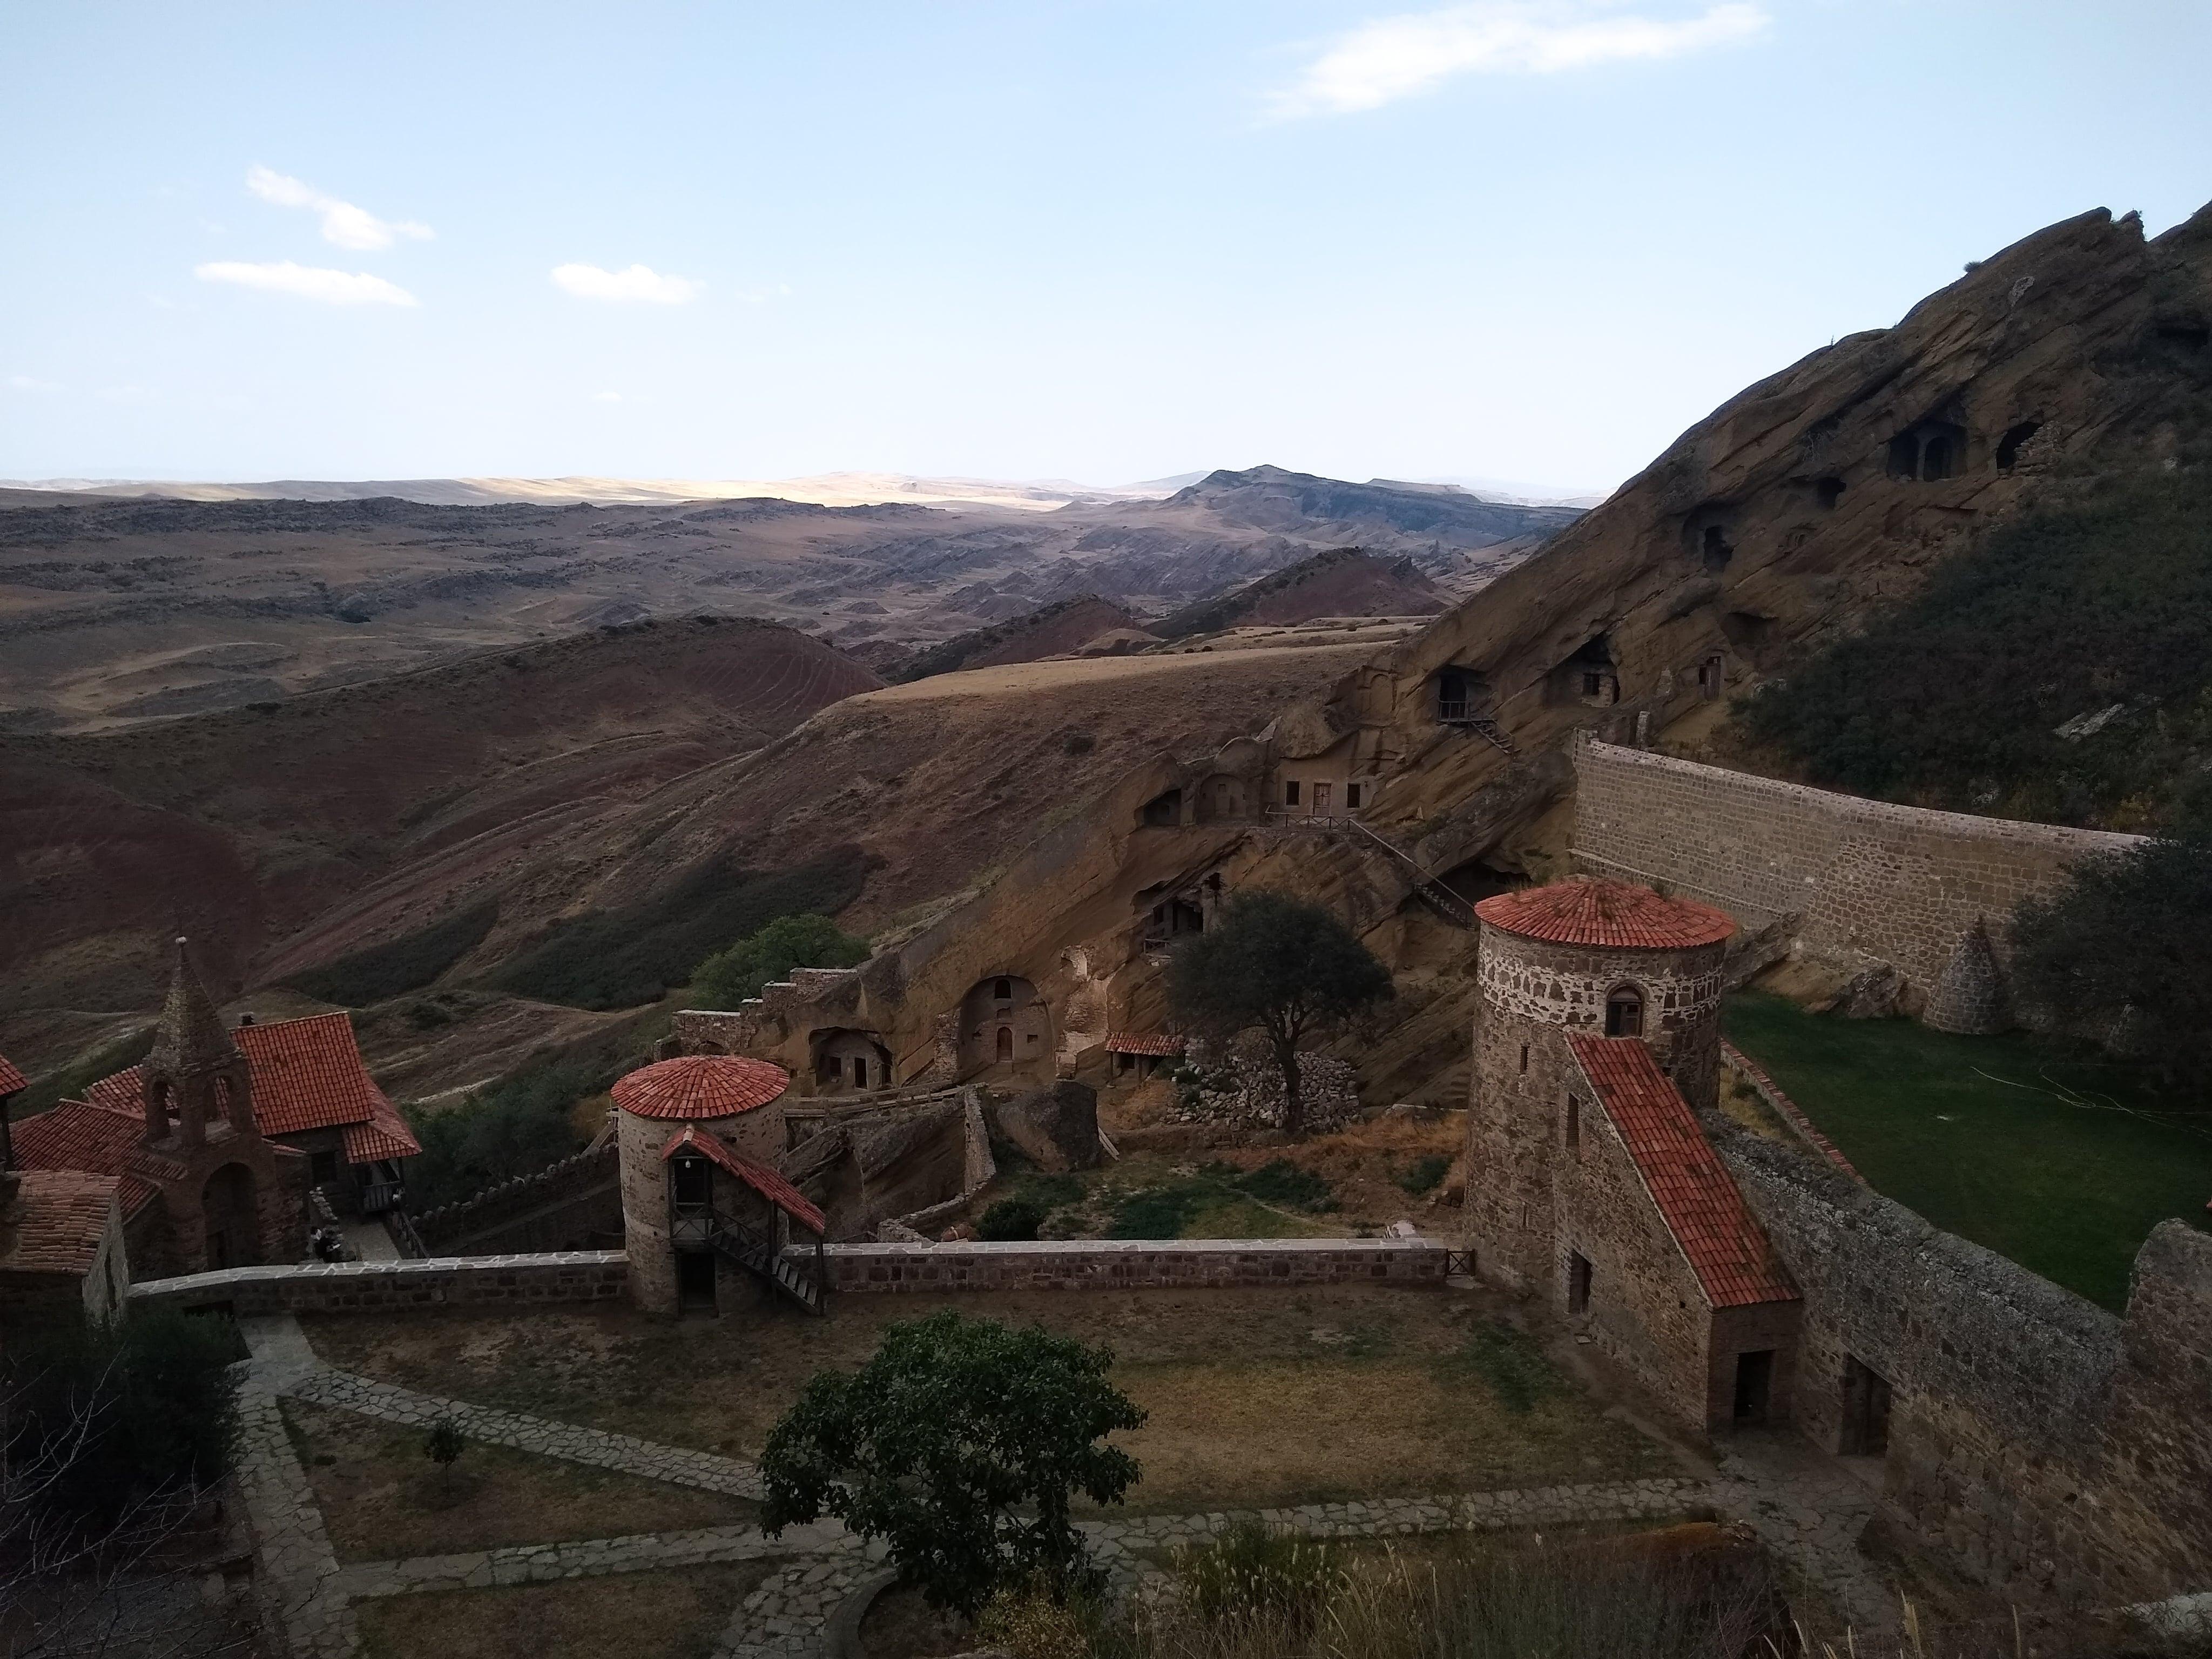 Le monastère de David Garedja reconnu patrimoine mondial de l'Unesco